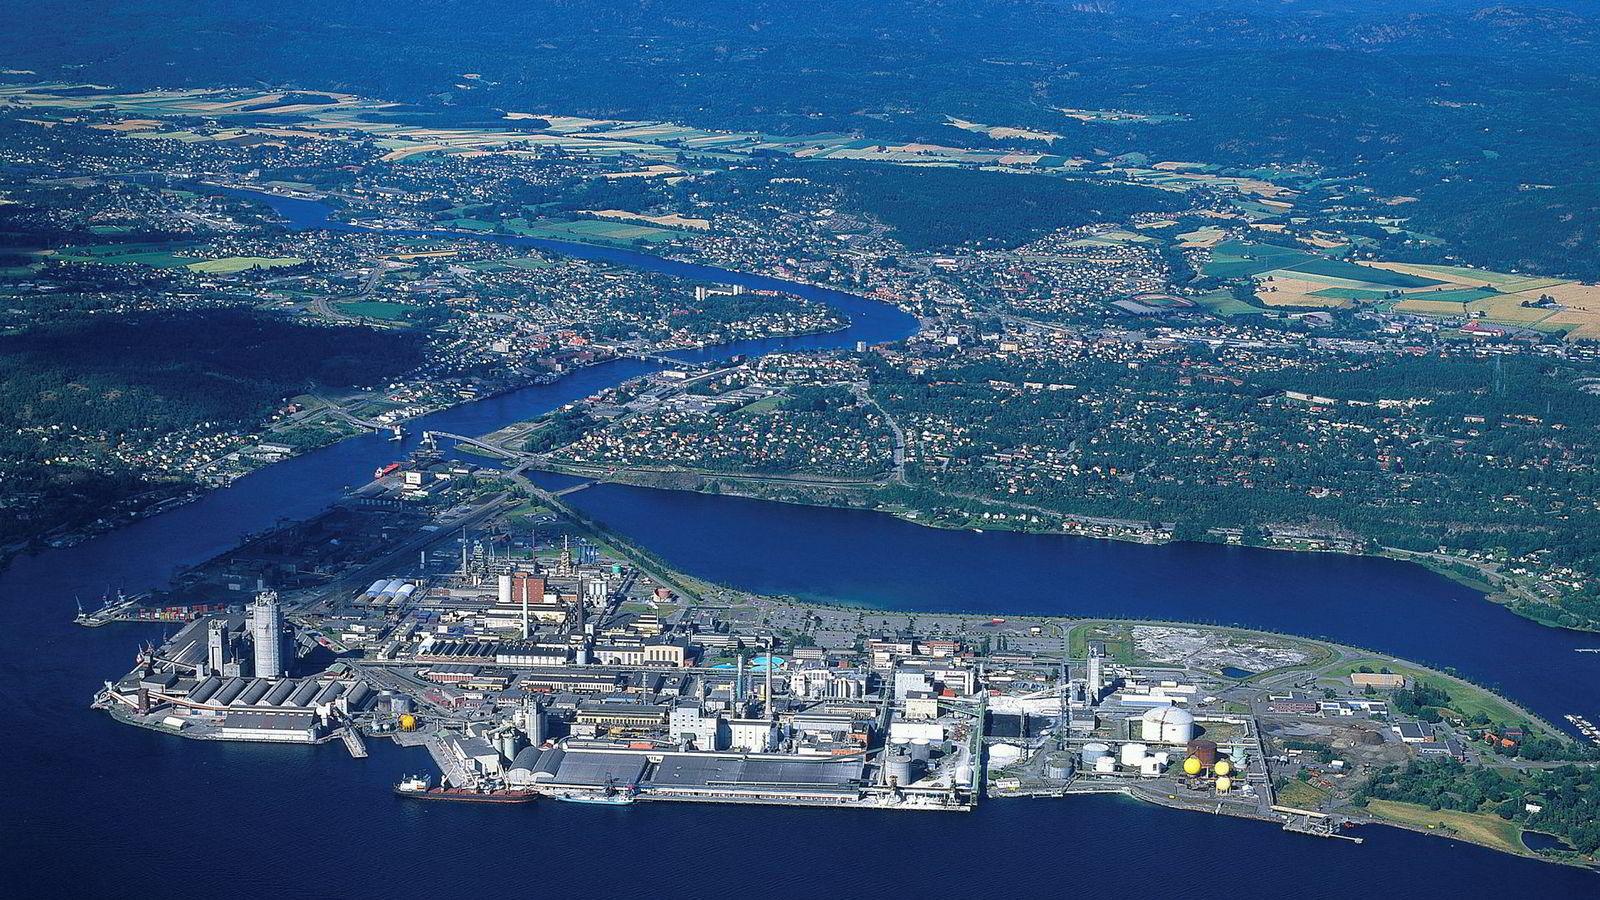 Hydro blir bedt om å rydde opp på sjøbunnen i Gunneklevfjorden i Telemark som er kraftig forurenset etter industrivirksomhet på Herøya.